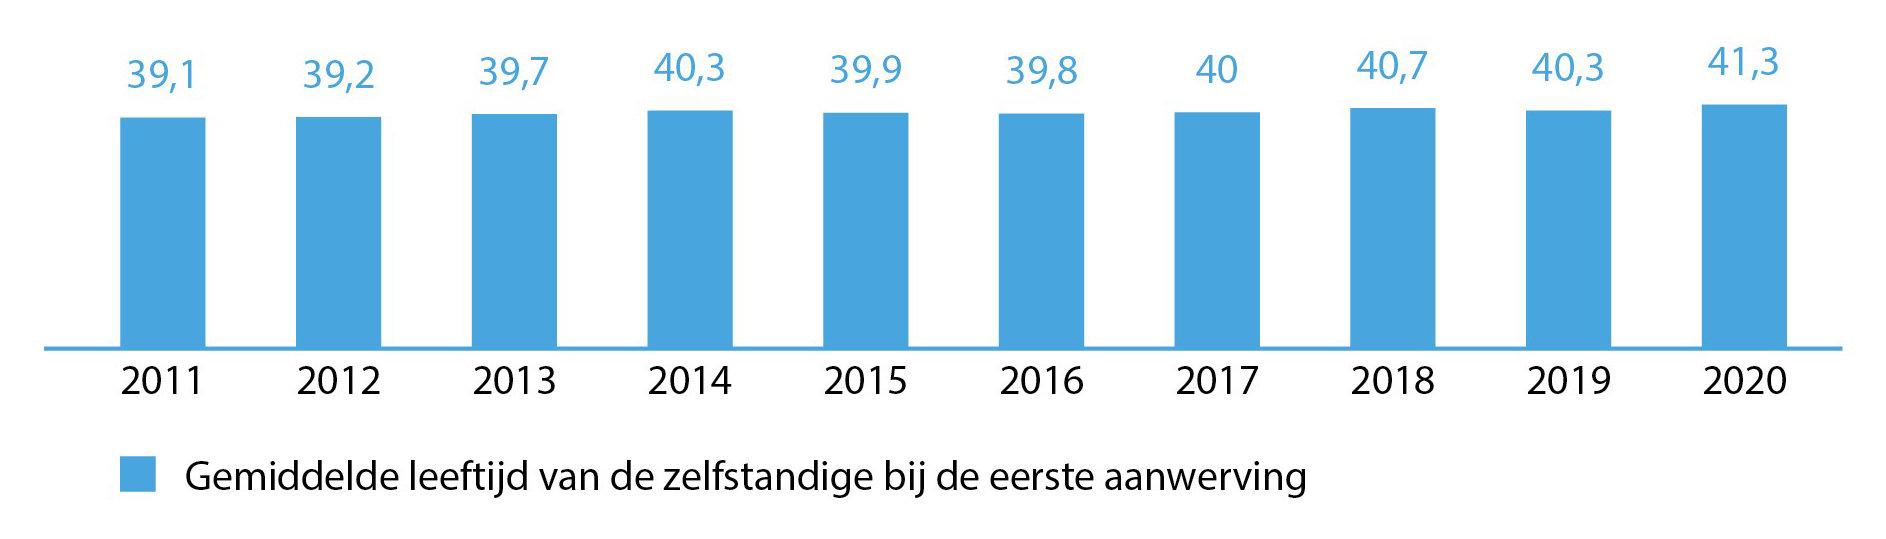 Hoe oud is de zelfstandige bij de eerste aanwerving, cijfers voor de voorbije 10 jaar